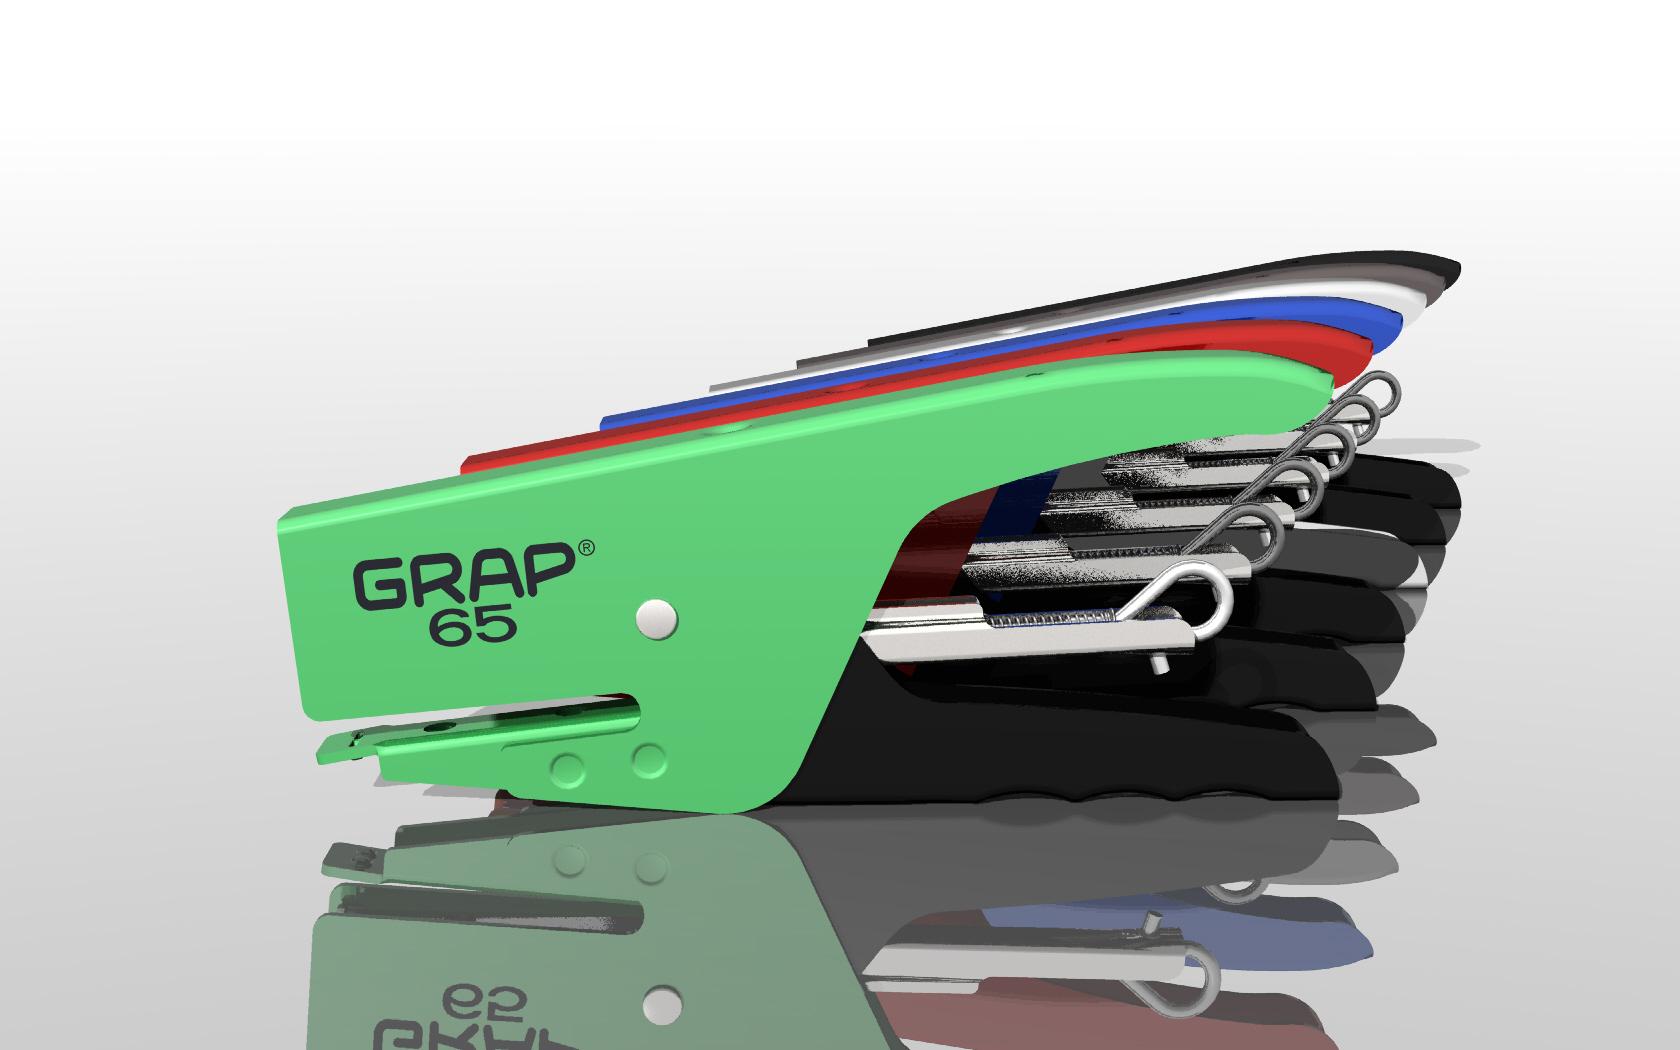 Grap 65 11